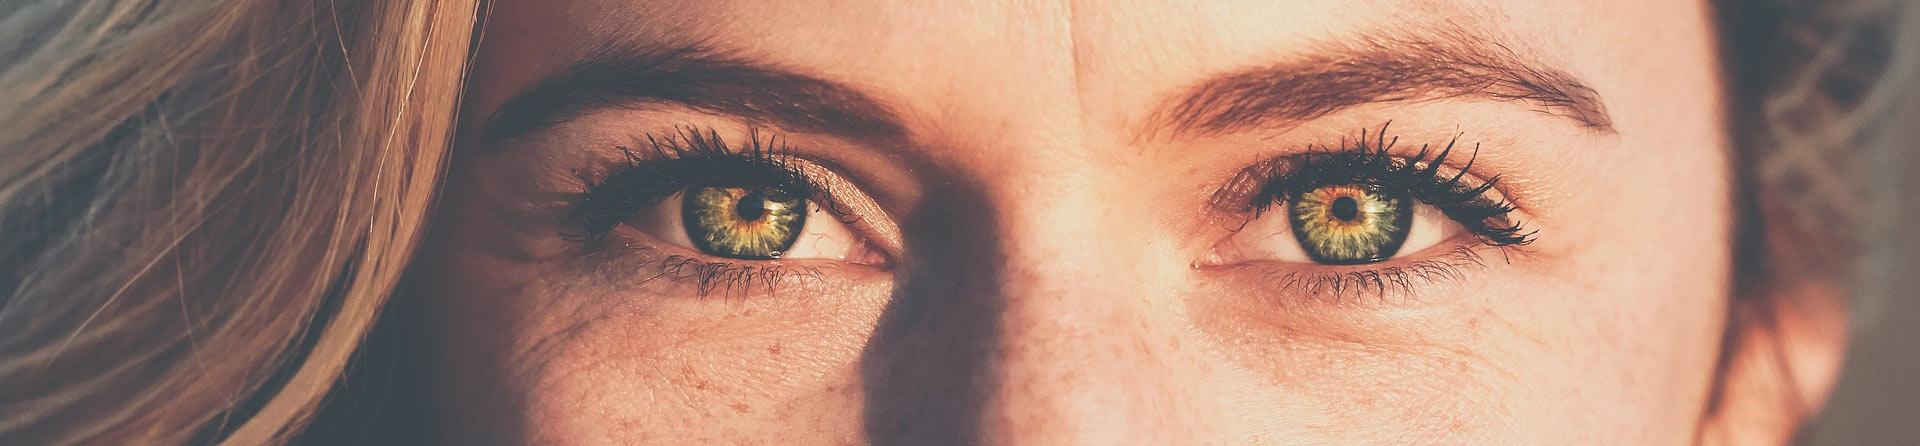 farbige Kontaktlinsen headerbild